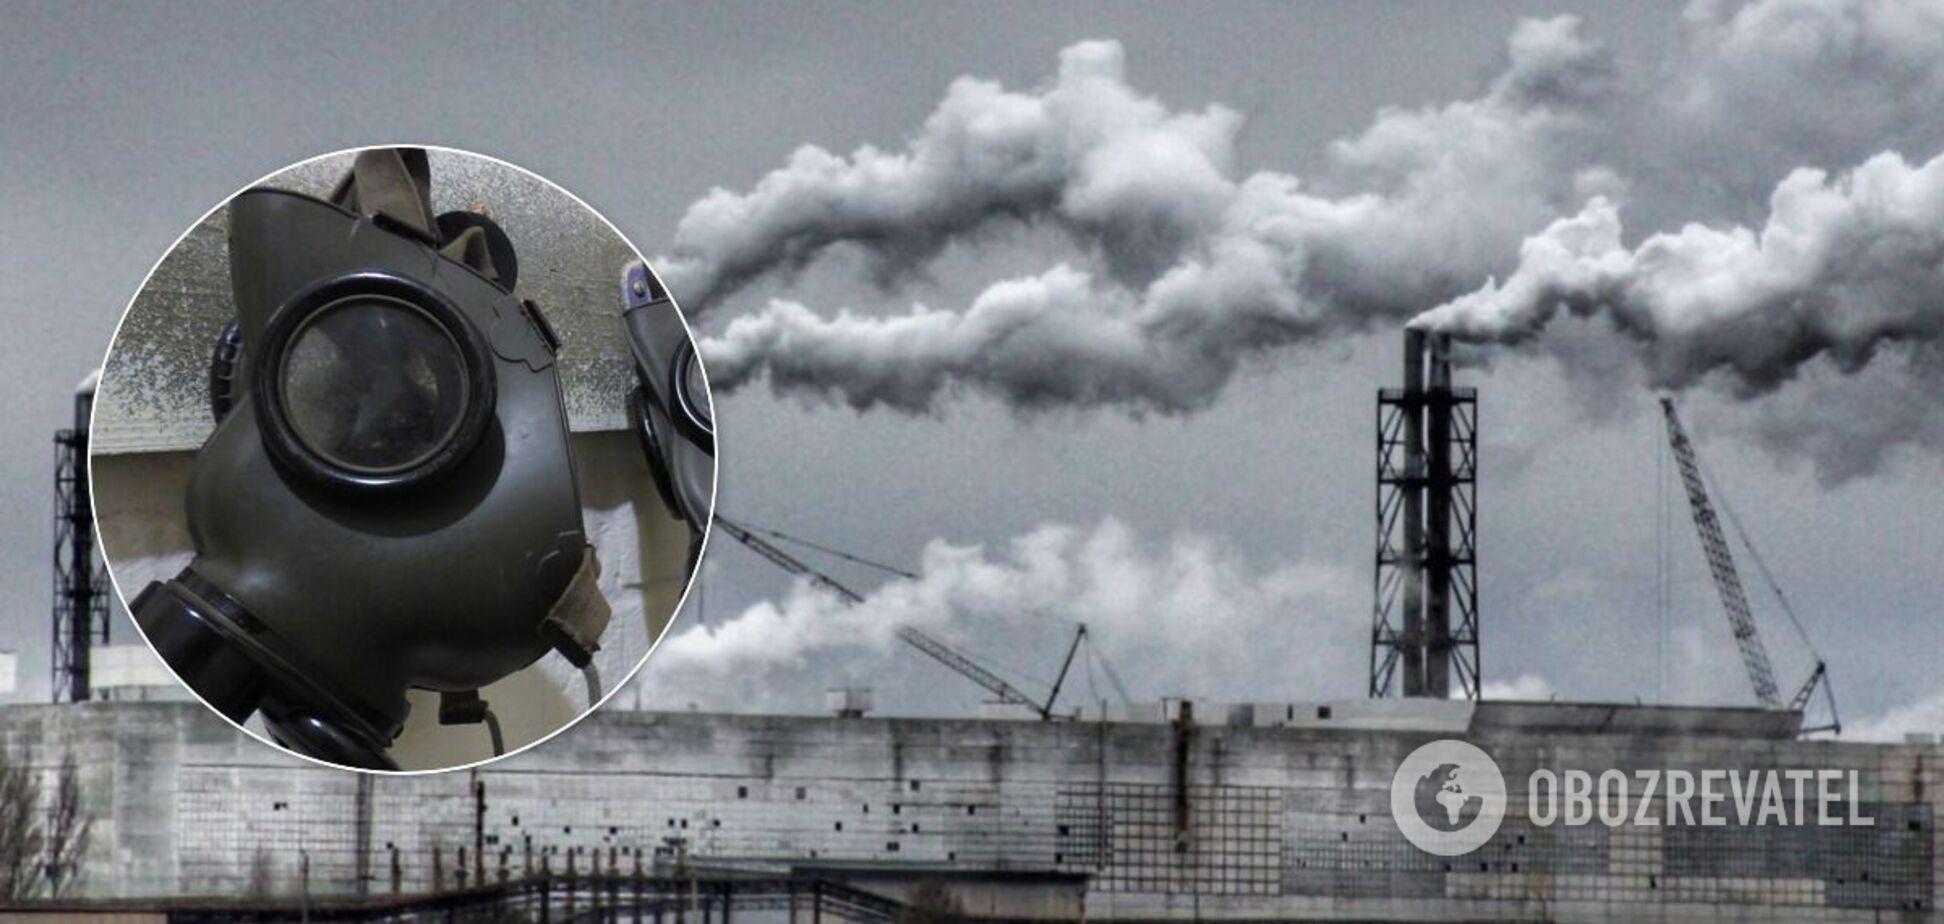 З боку Криму зафіксували викид токсичних речовин